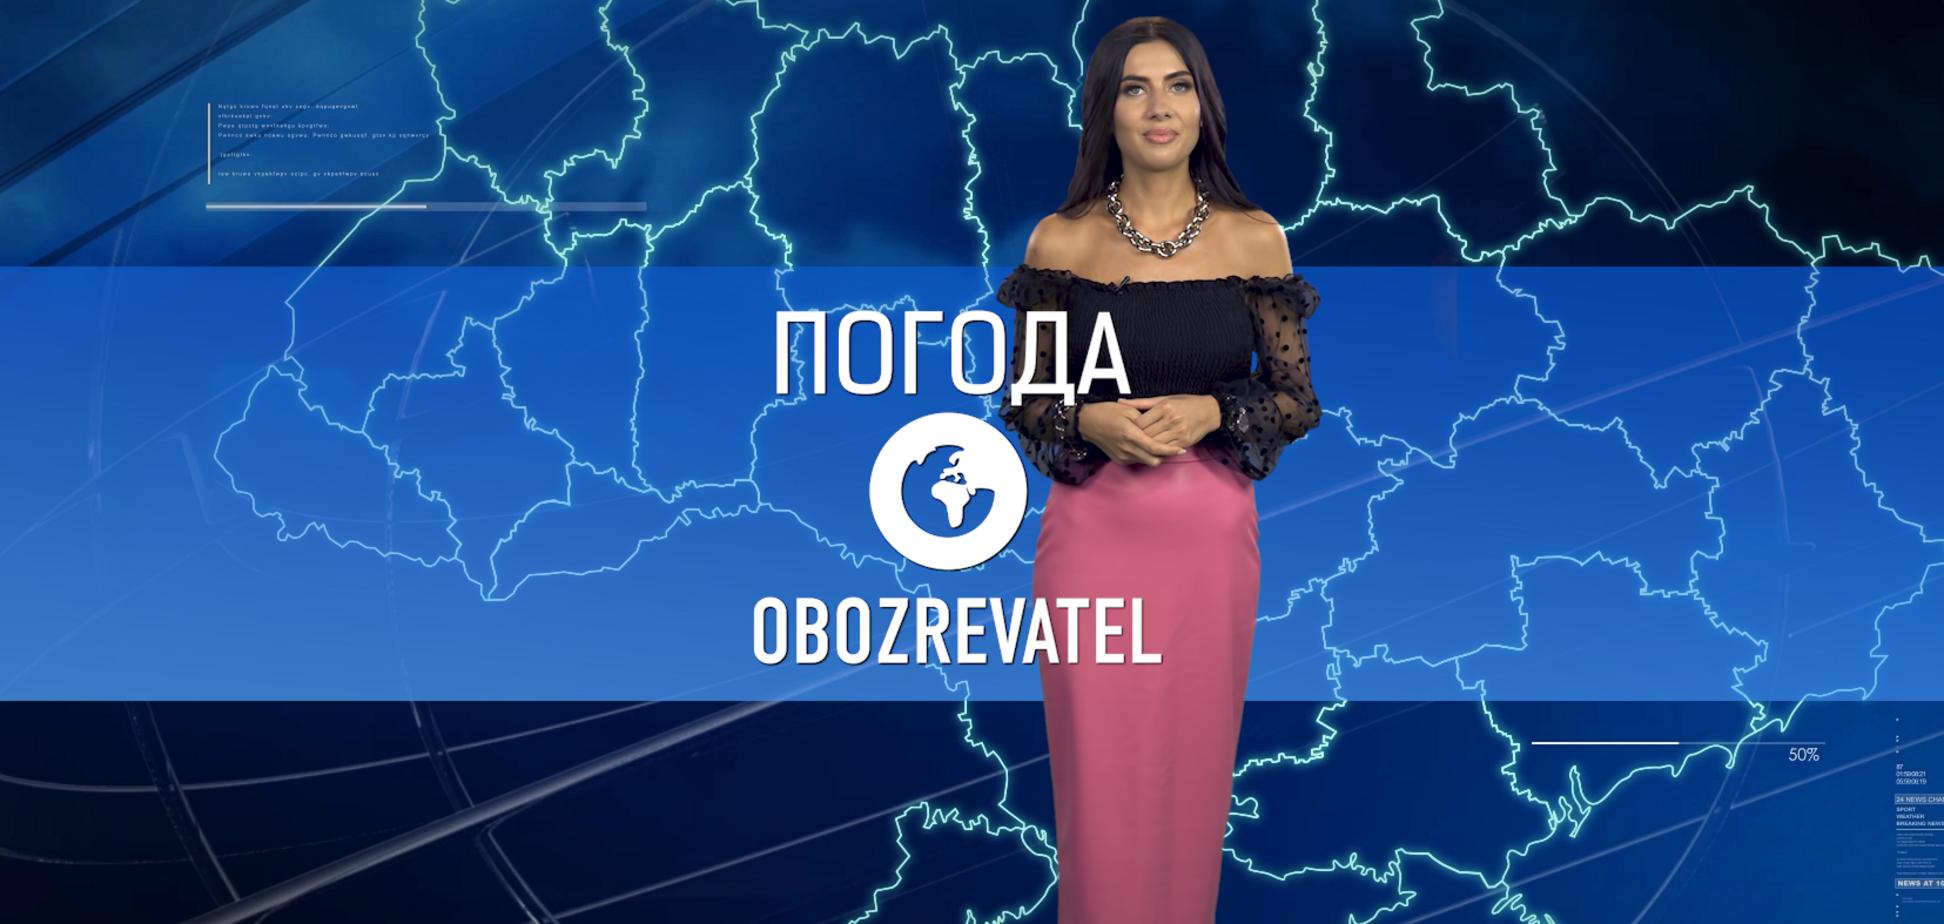 Прогноз погоди в Україні на п'ятницю, 11 червня, з Алісою Мярковською